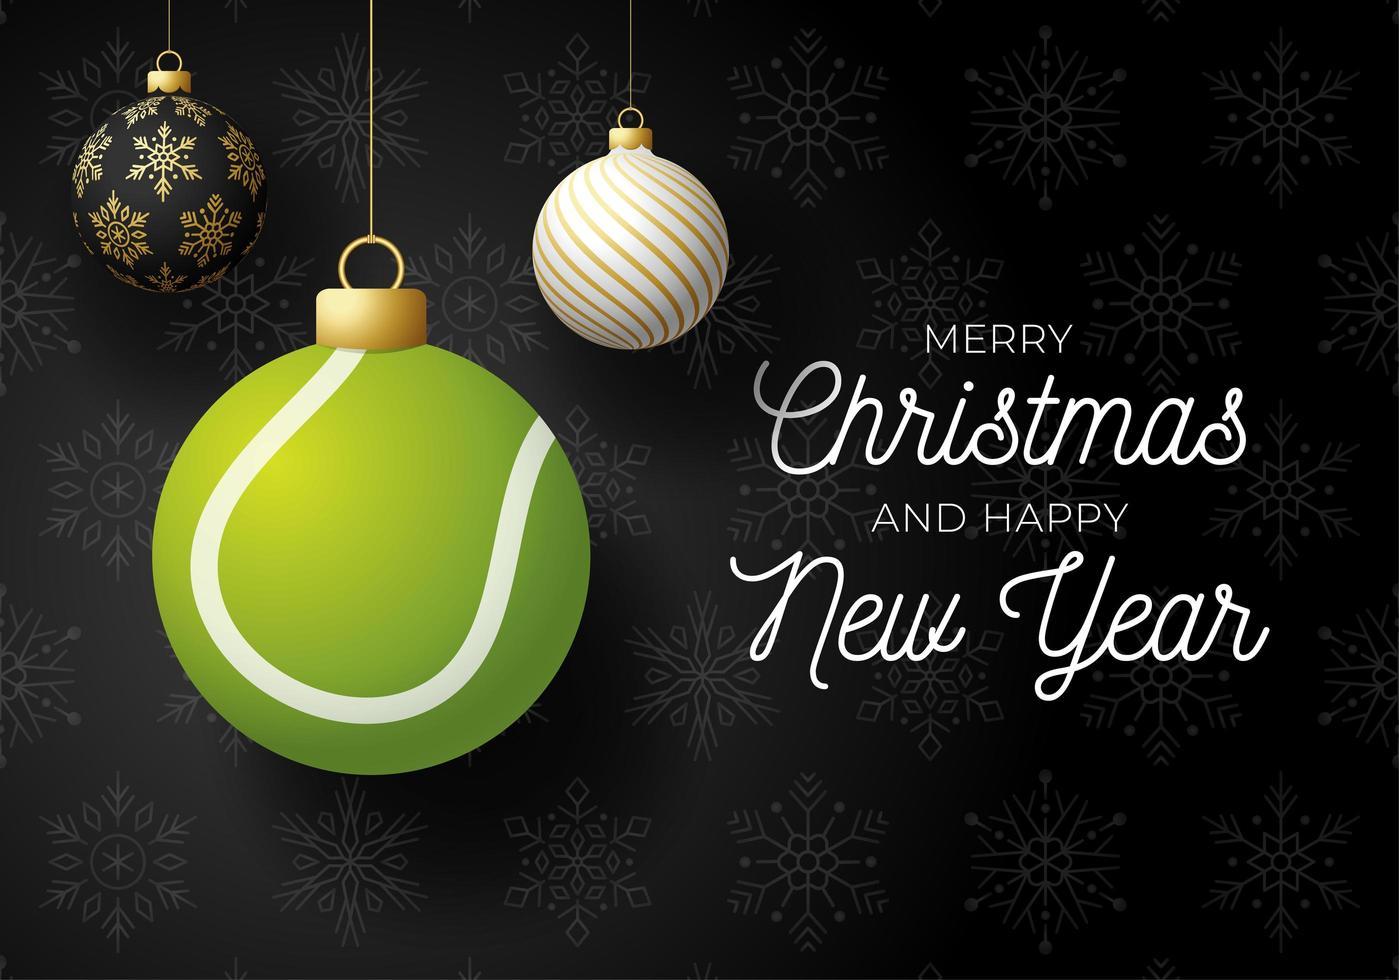 lyxigt semesterkort med hängande ornament och tennisboll vektor